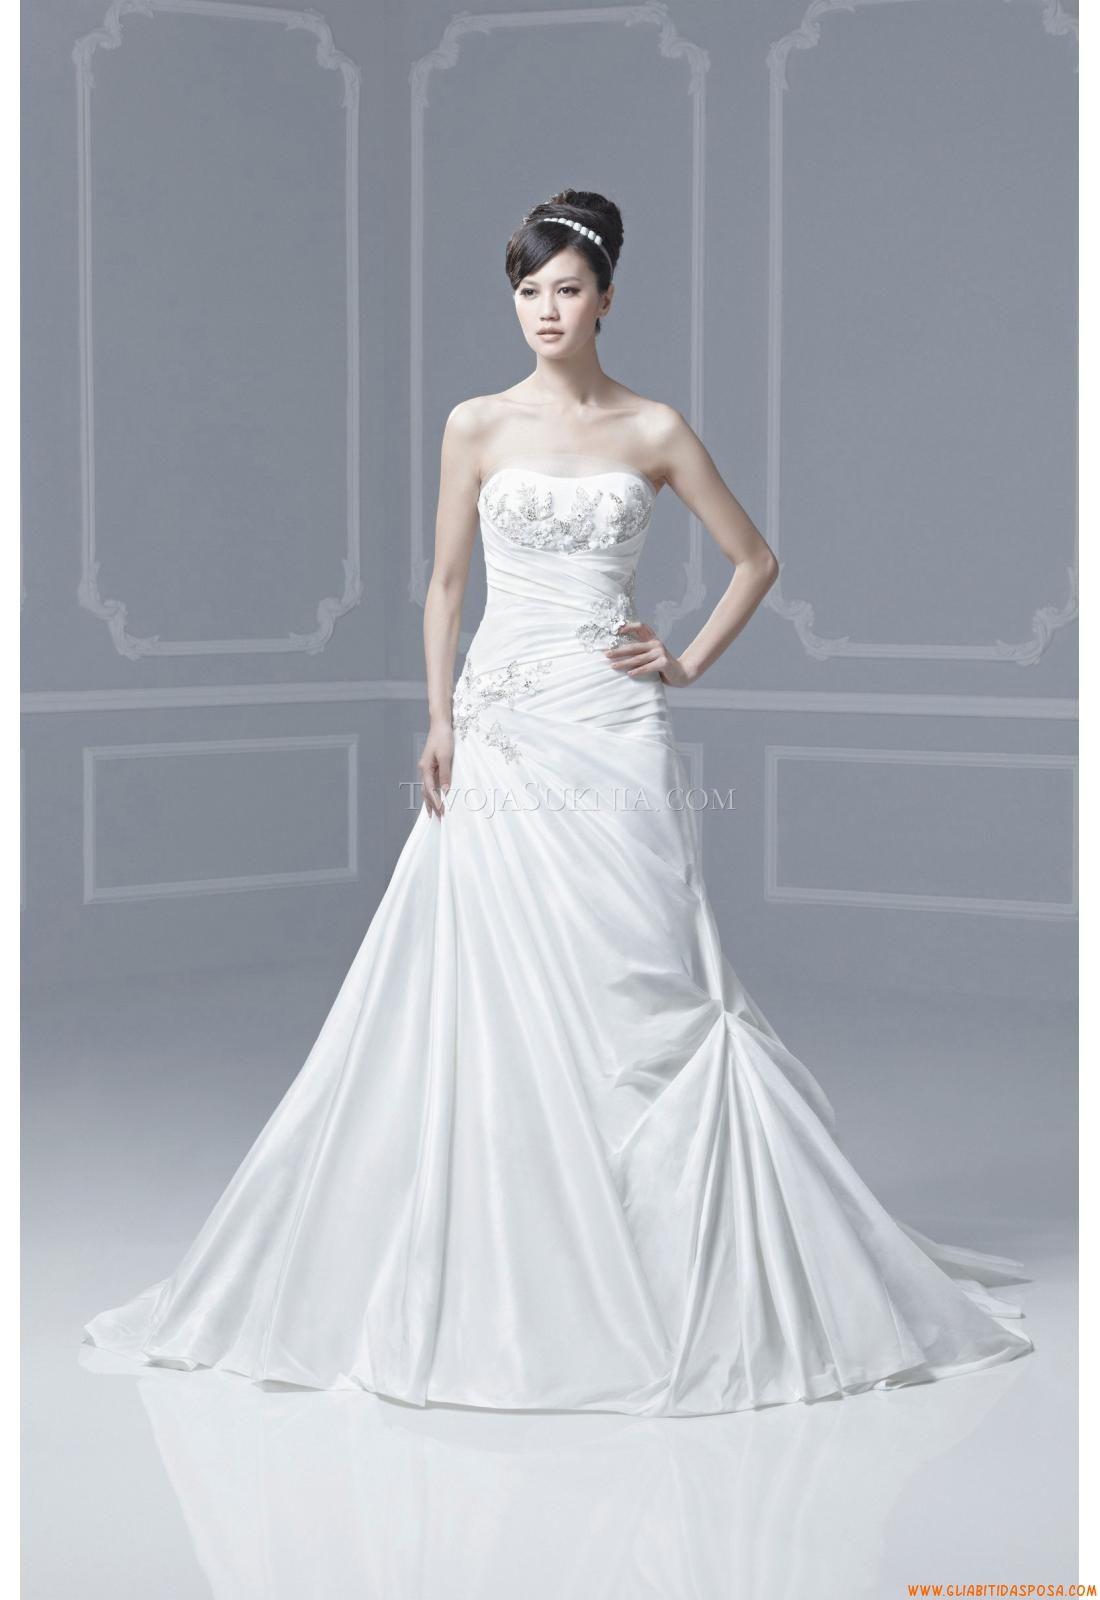 Abiti da Sposa Enzoani Forbes Blue By Enzoani 2013   abiti da sposa ...